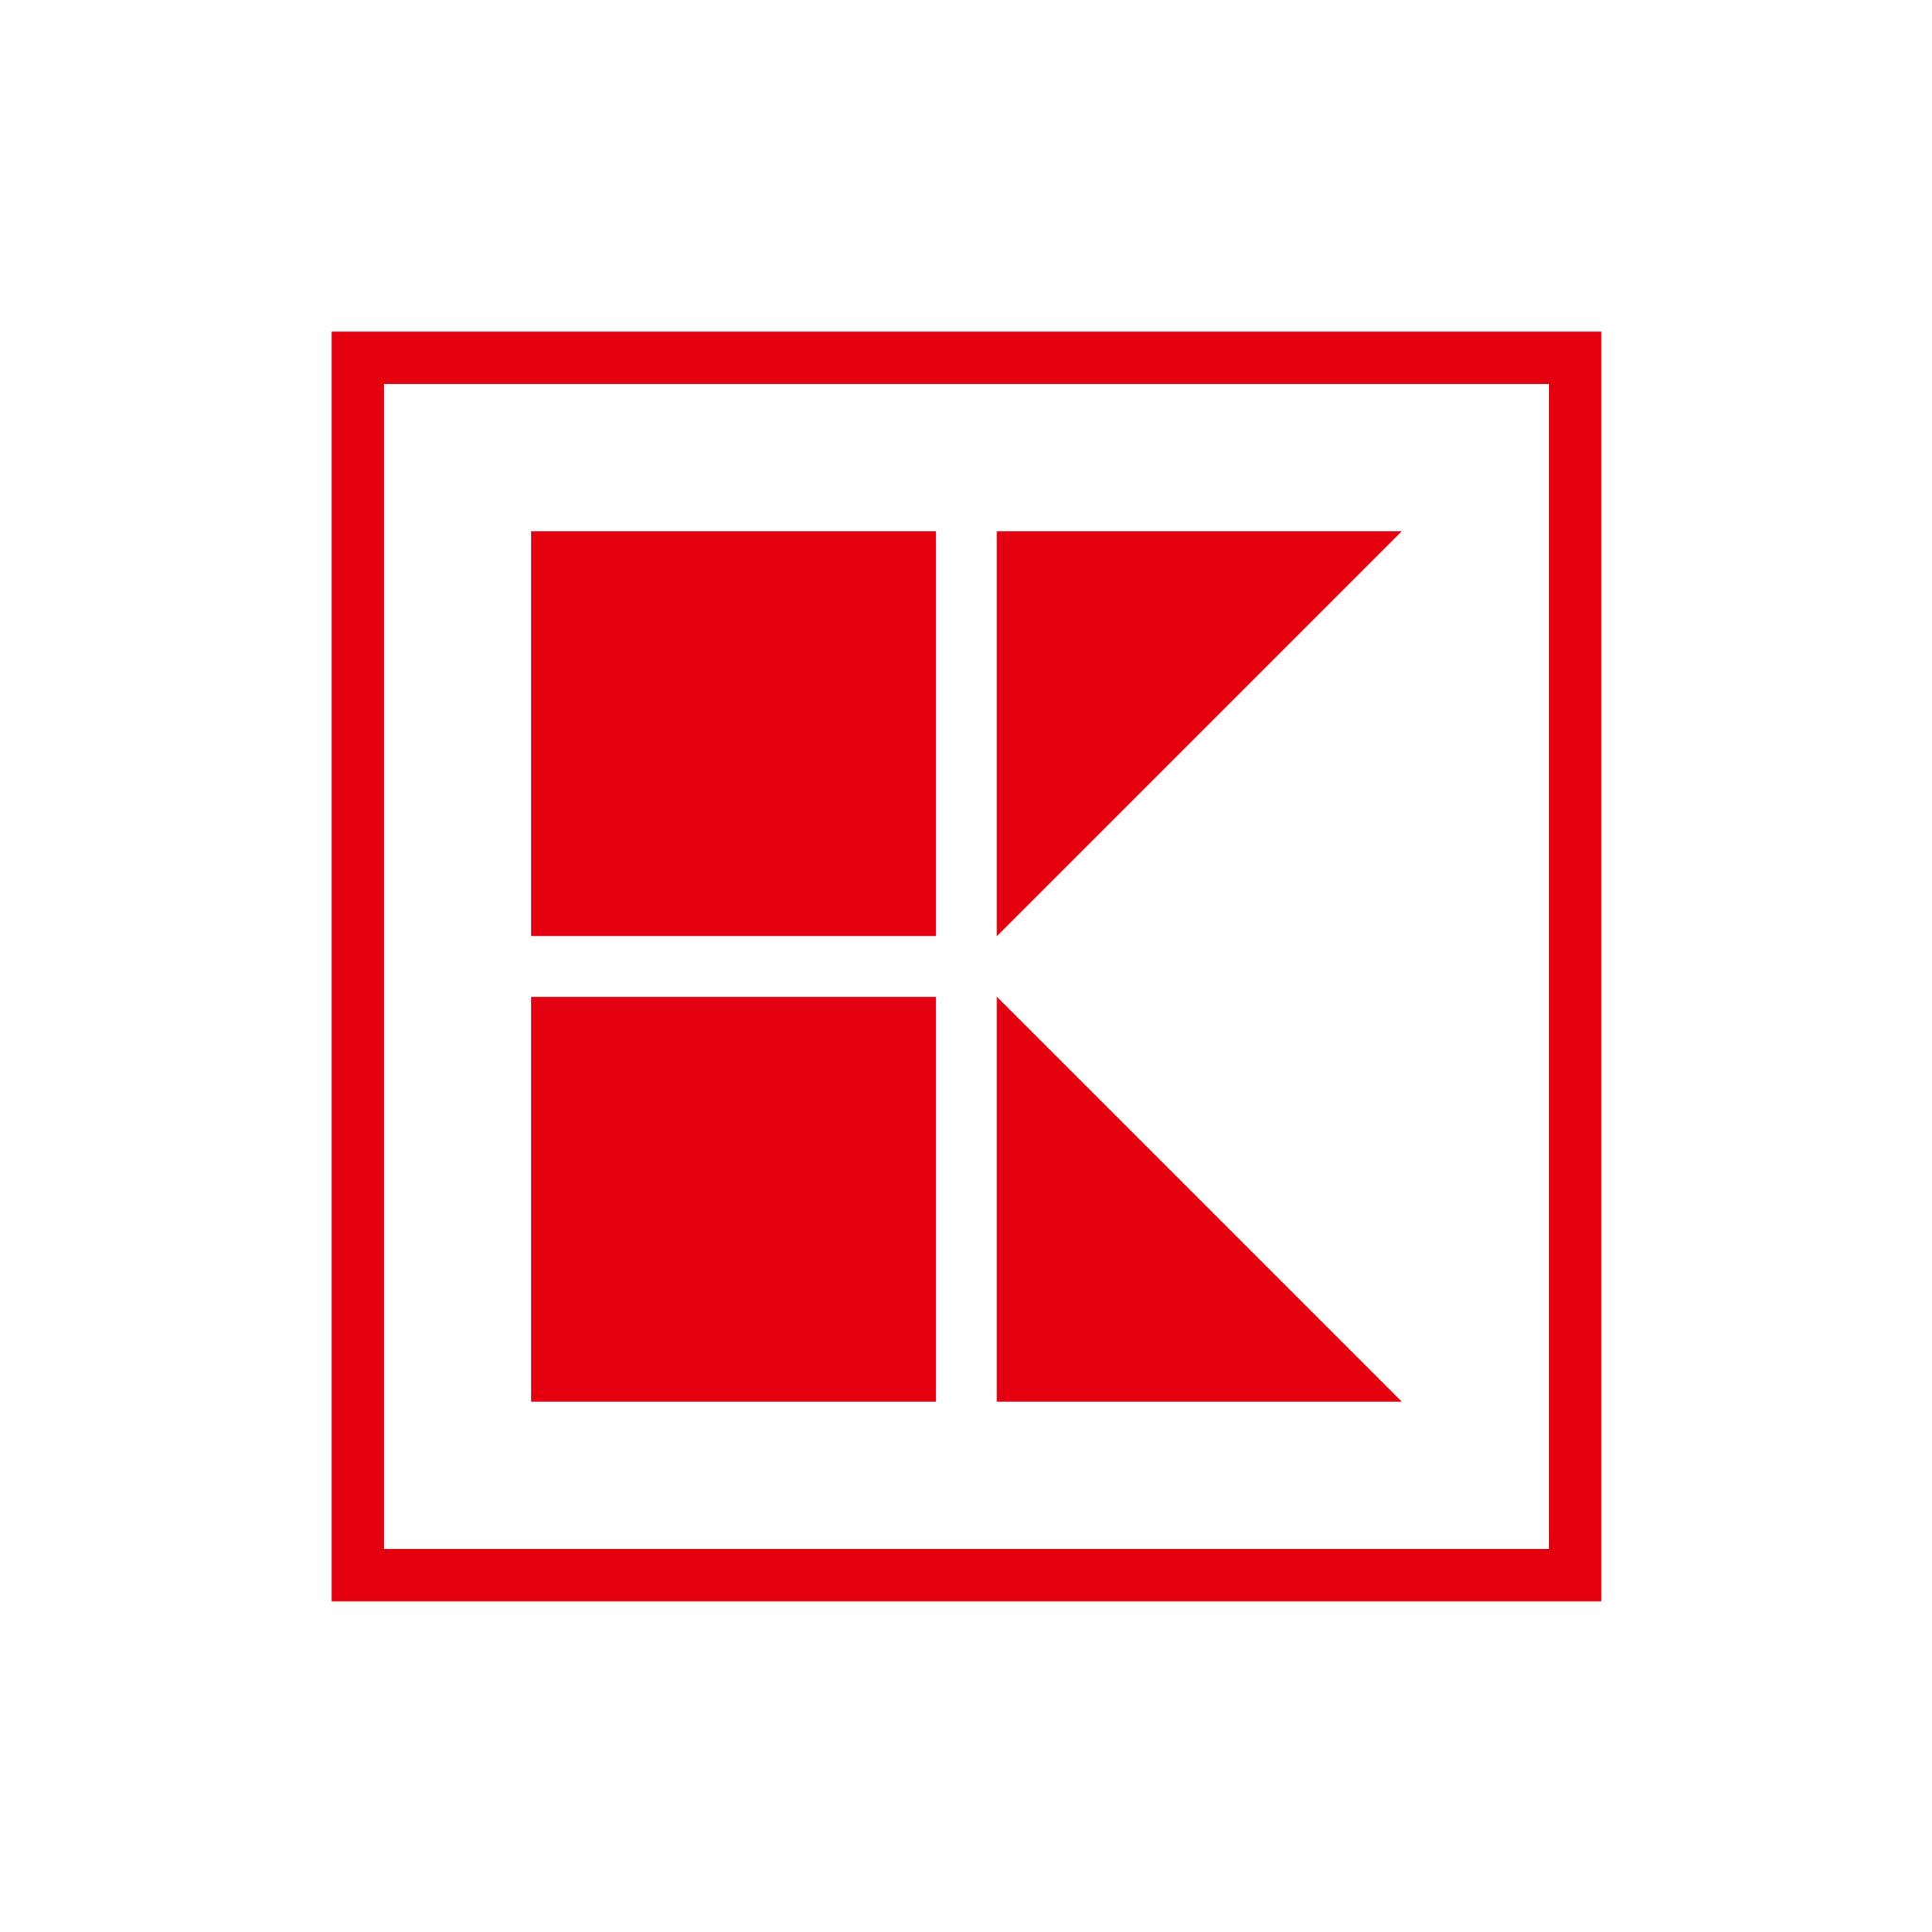 Kaufland Schwaigern Logo